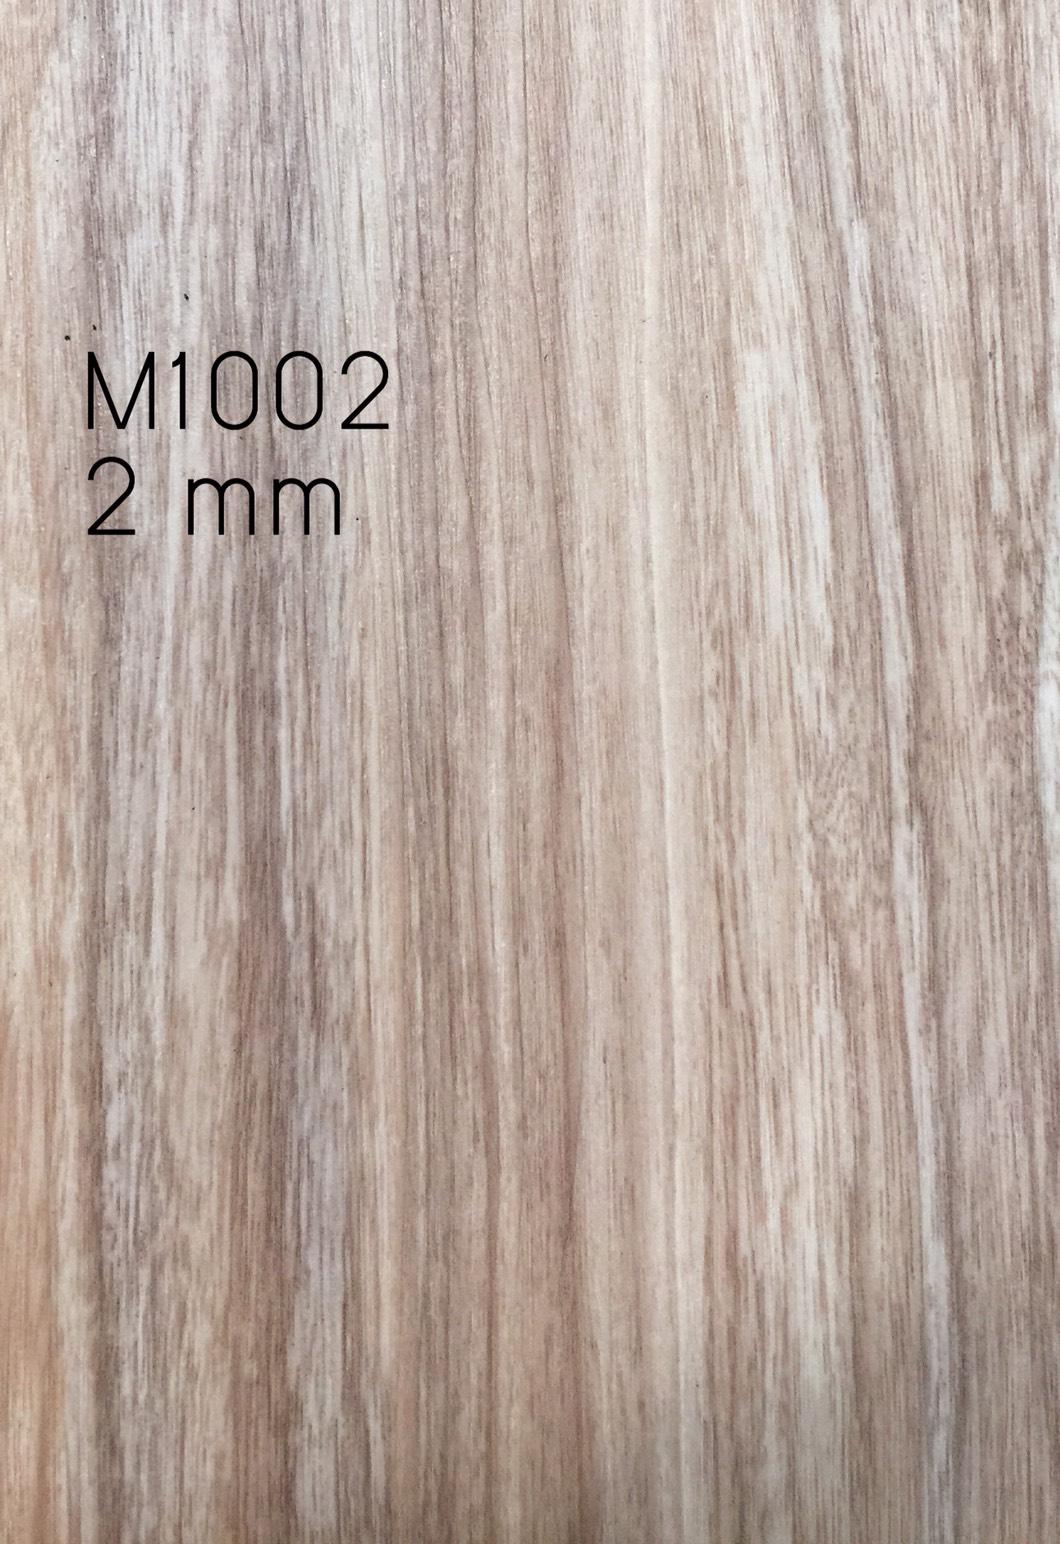 กระเบื้องยางลายไม้ ราคาถูก M1002